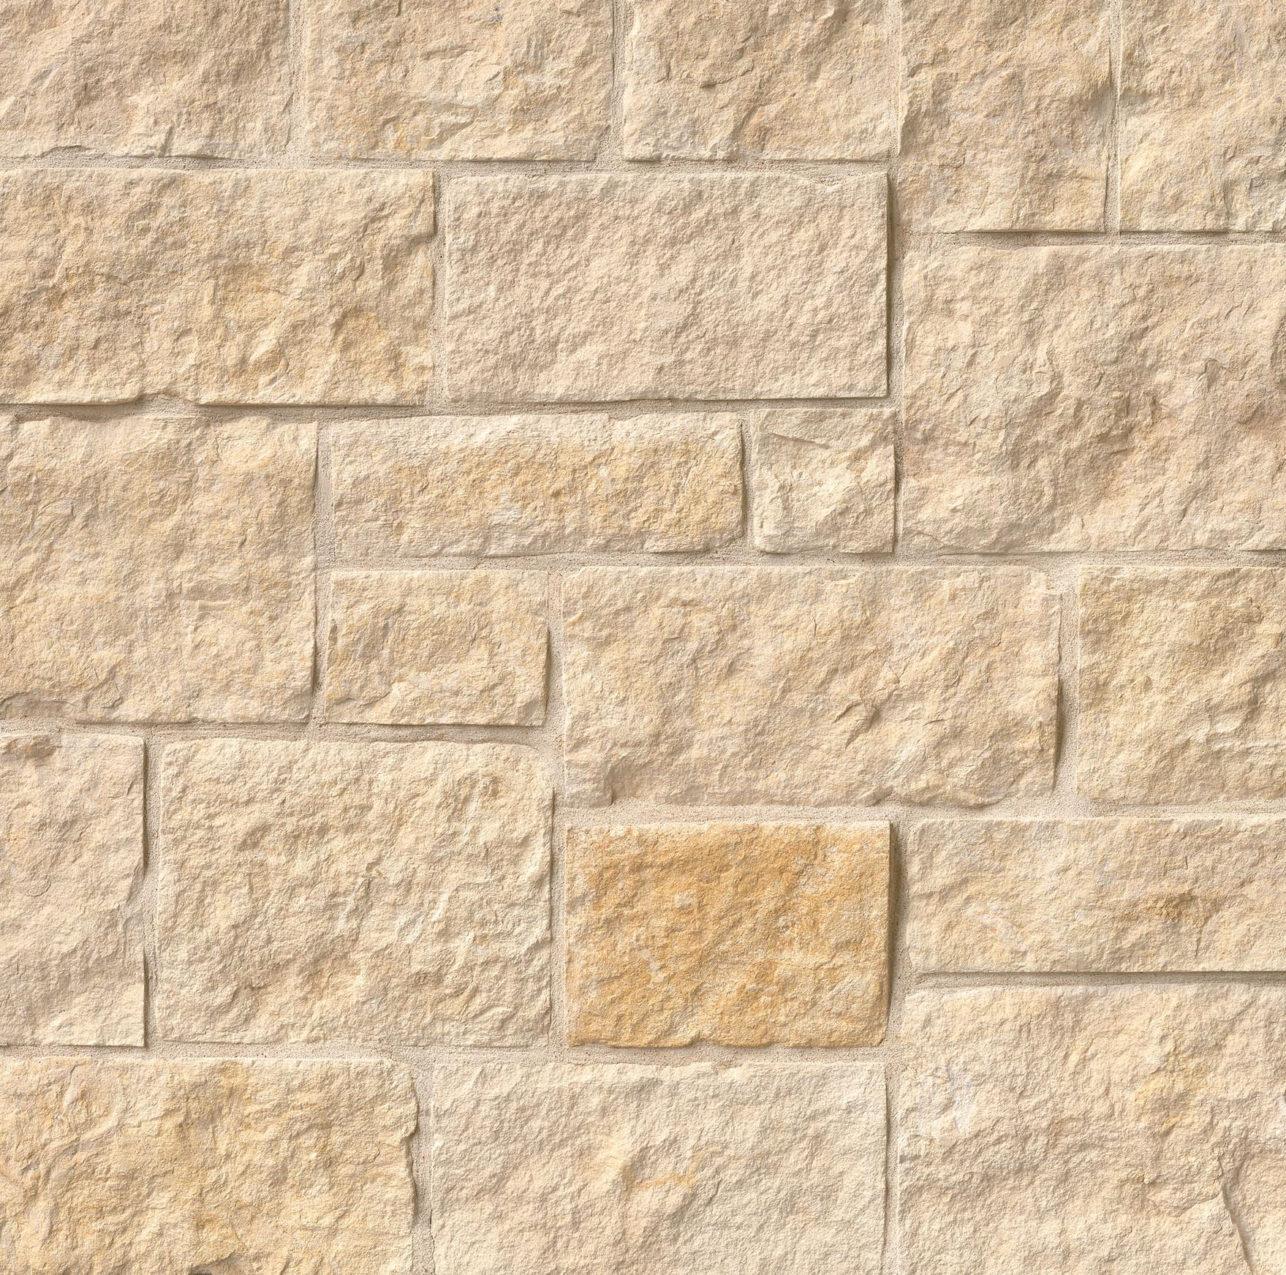 Limestone, Leuders, Sandstone